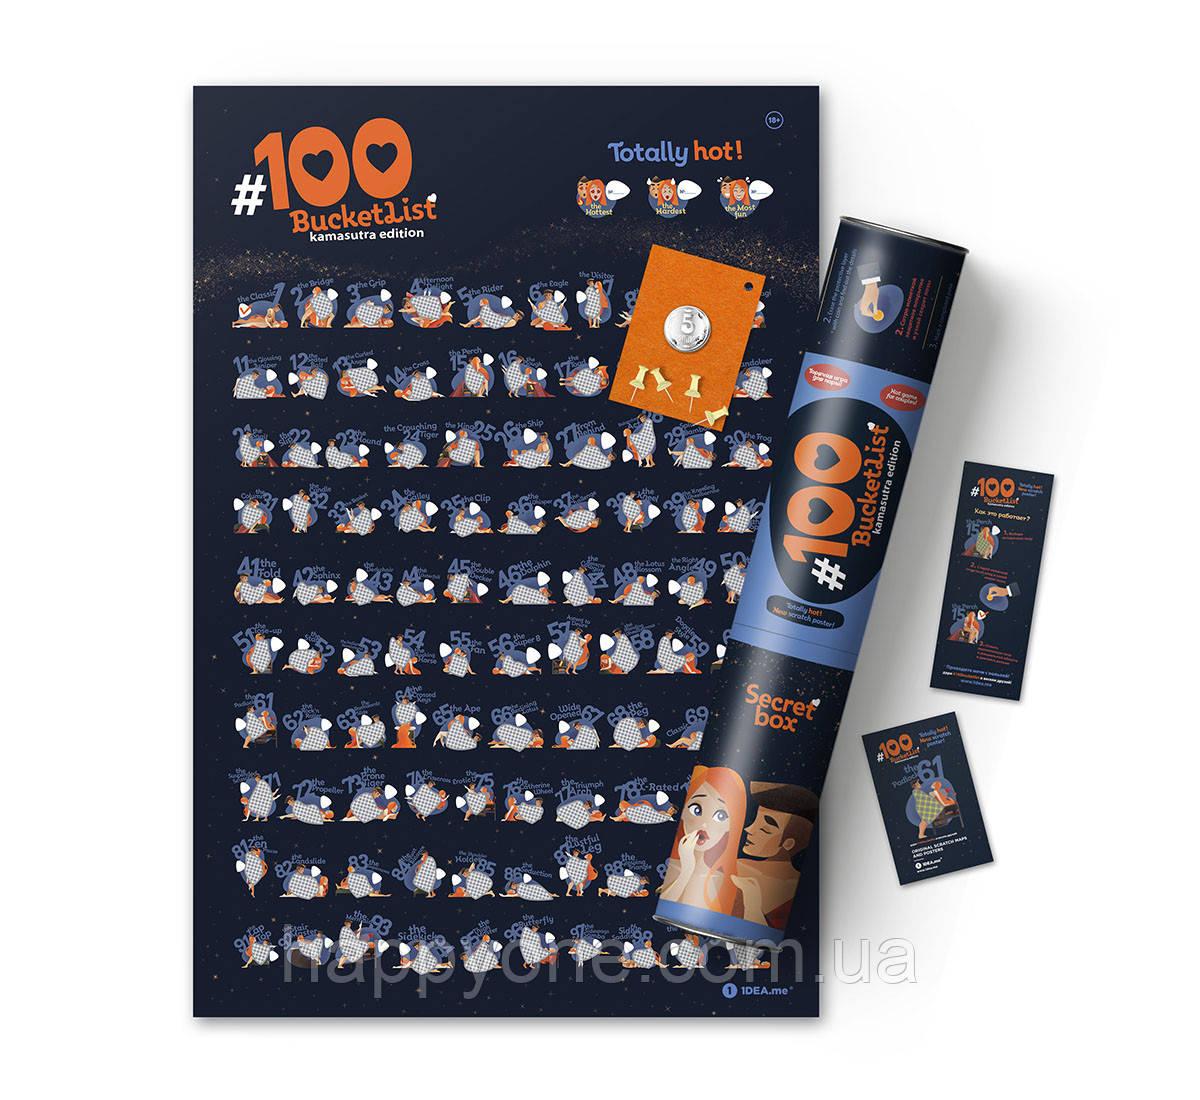 Скретч постер #100 ДЕЛ Kamasutra edition (английский язык) в тубусе